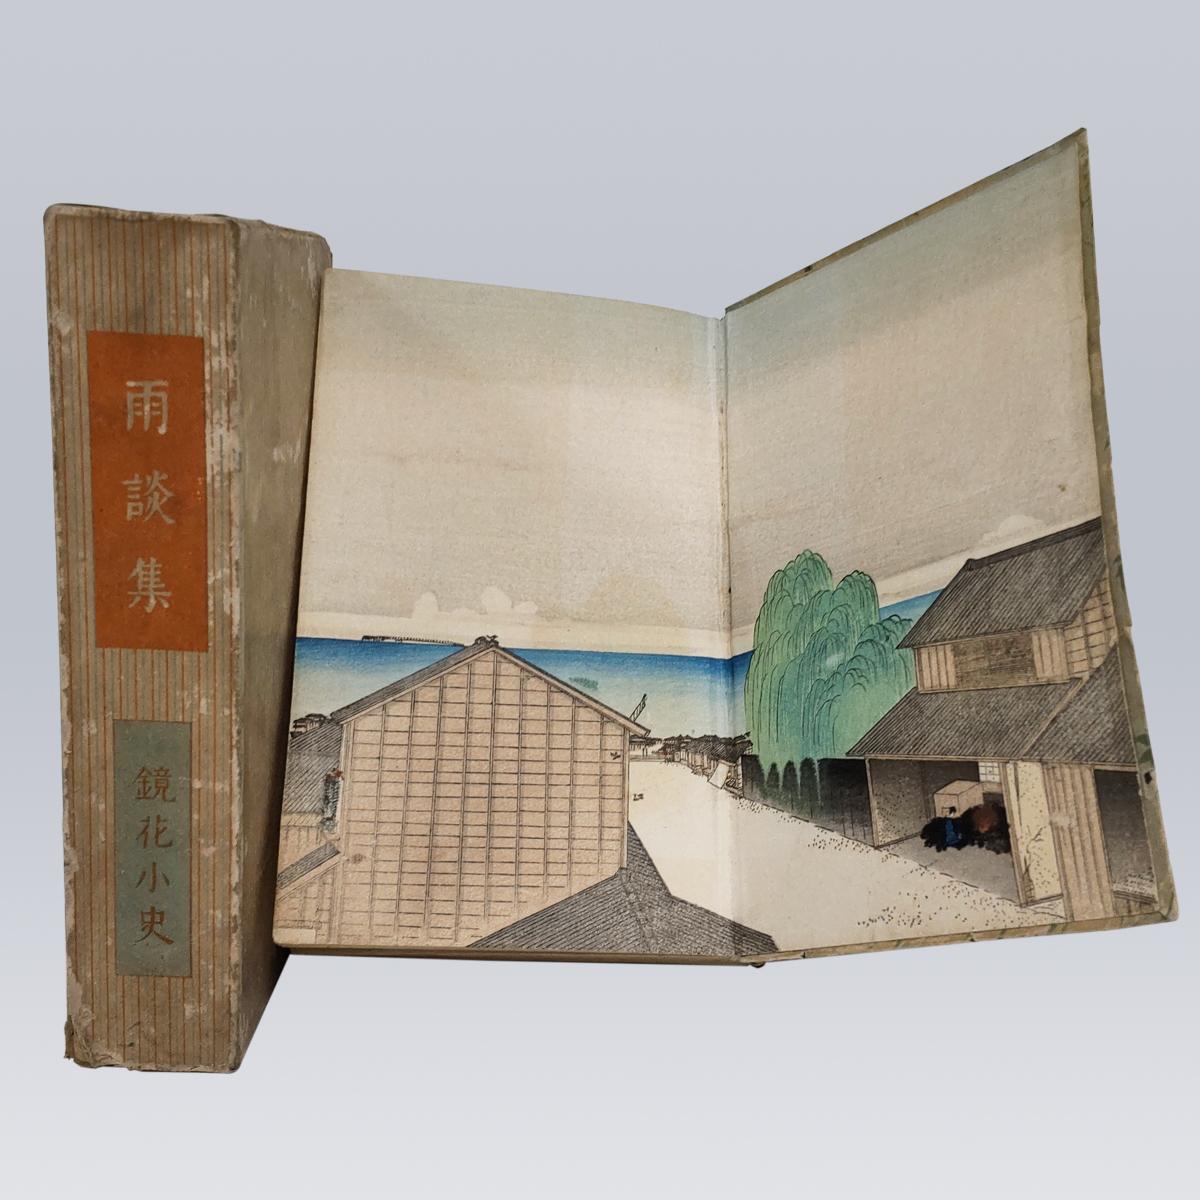 古書販売「雨談集」